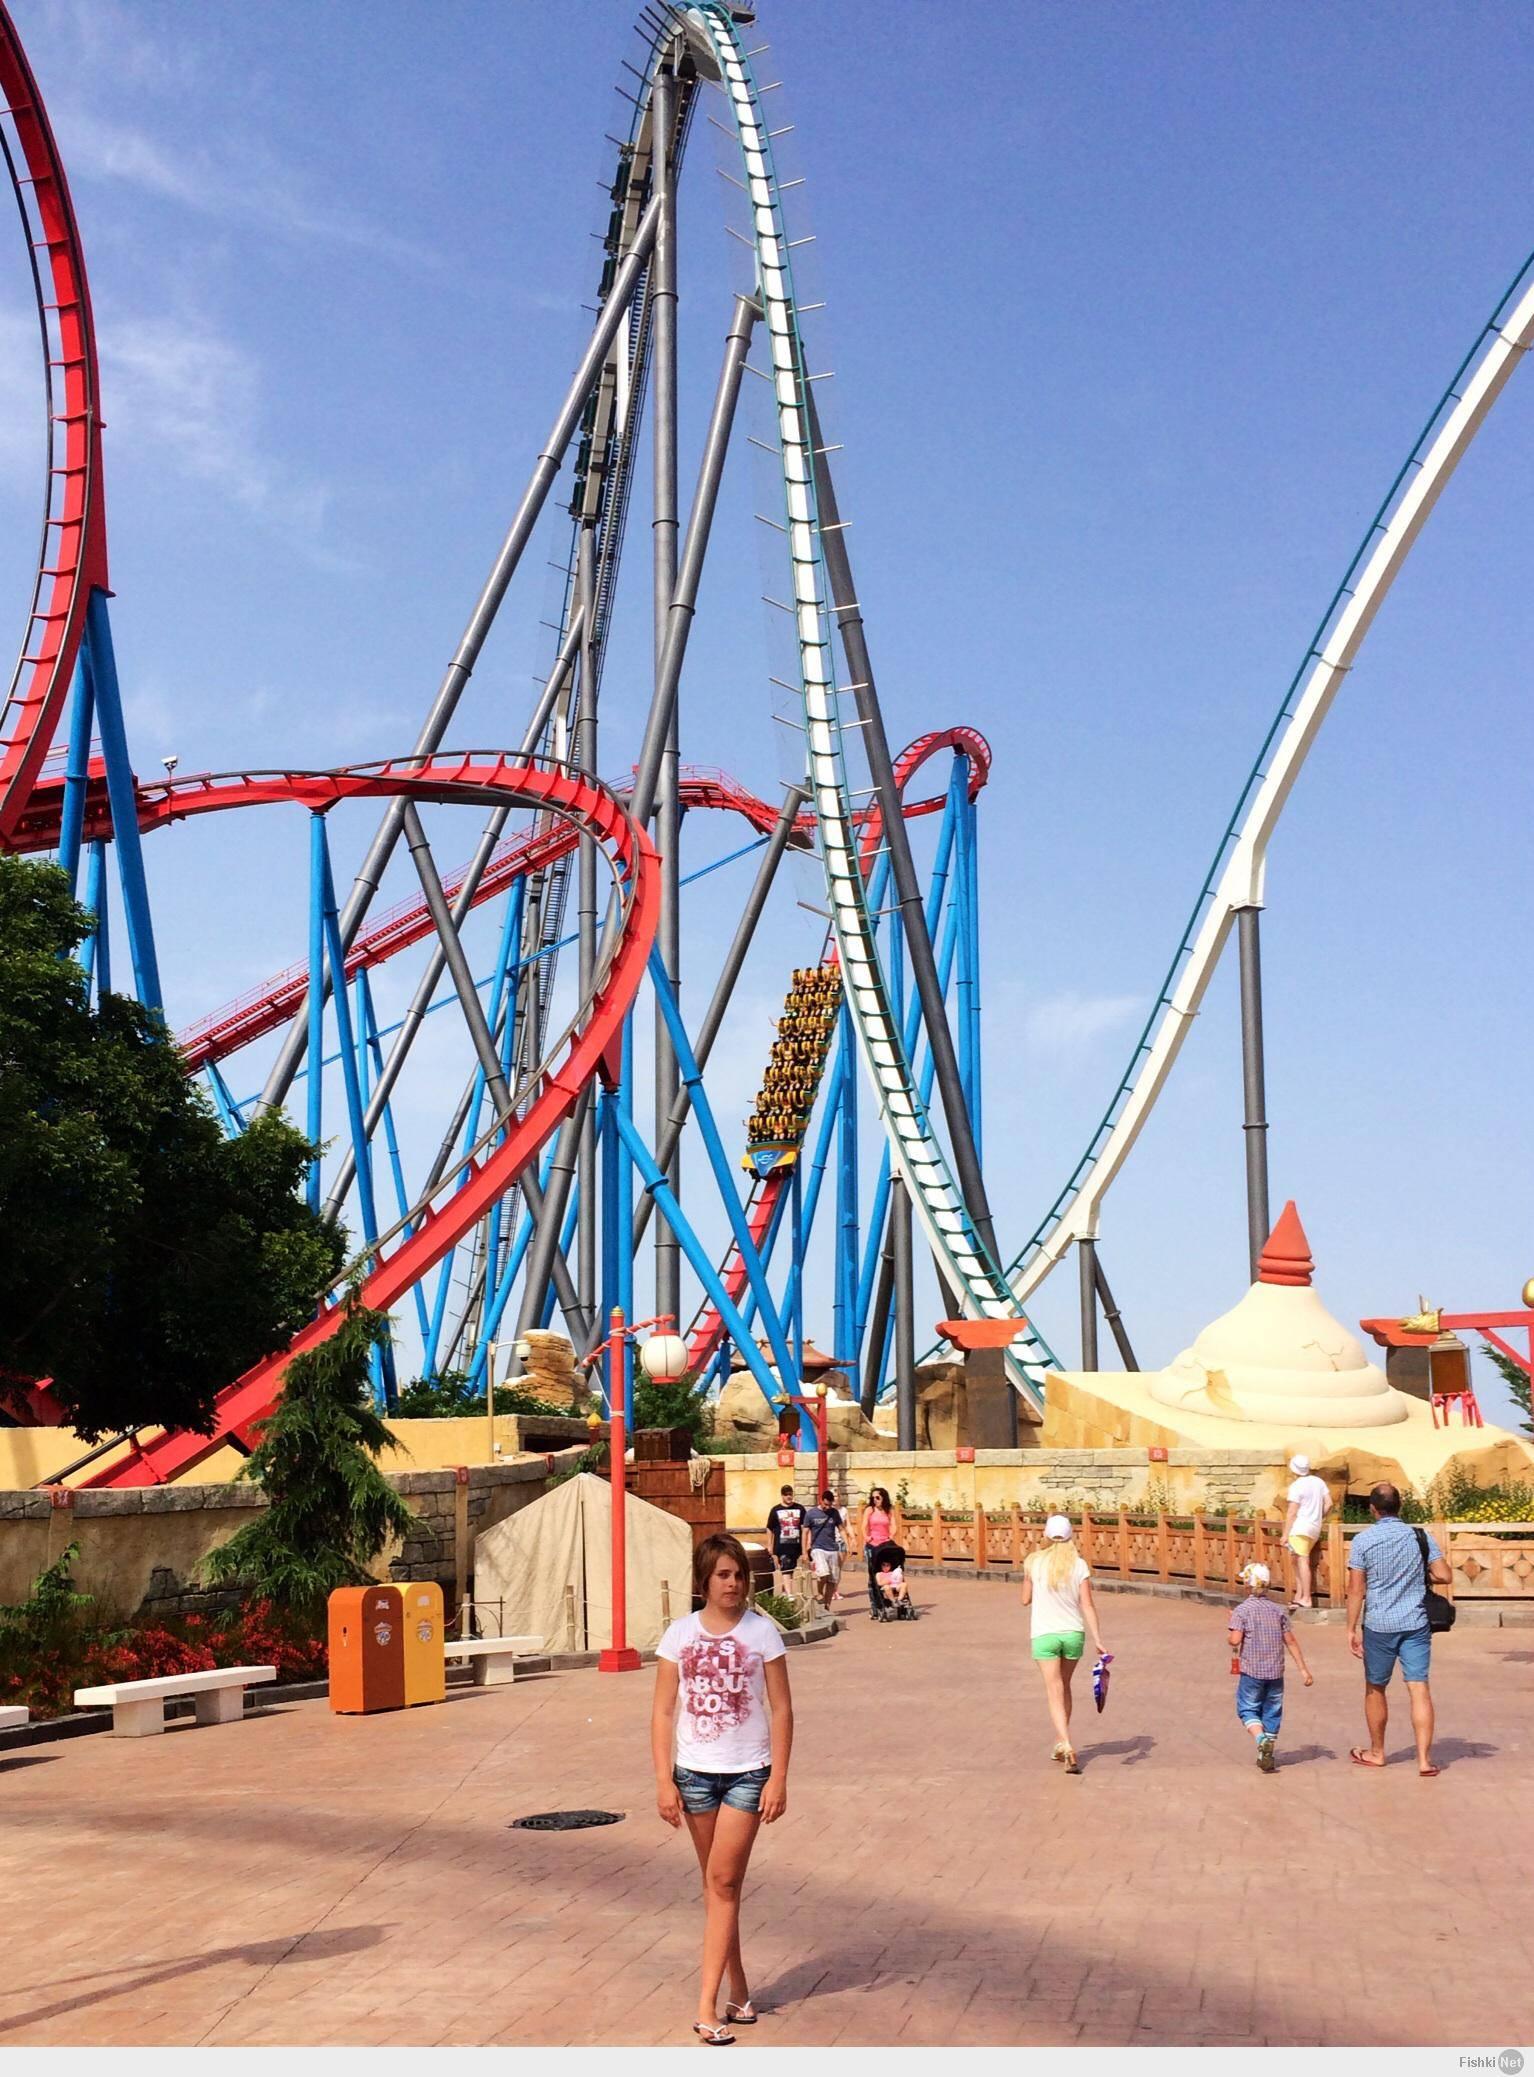 2000 гектар лучших развлечений в европе за 45 евро: парк порт авентура